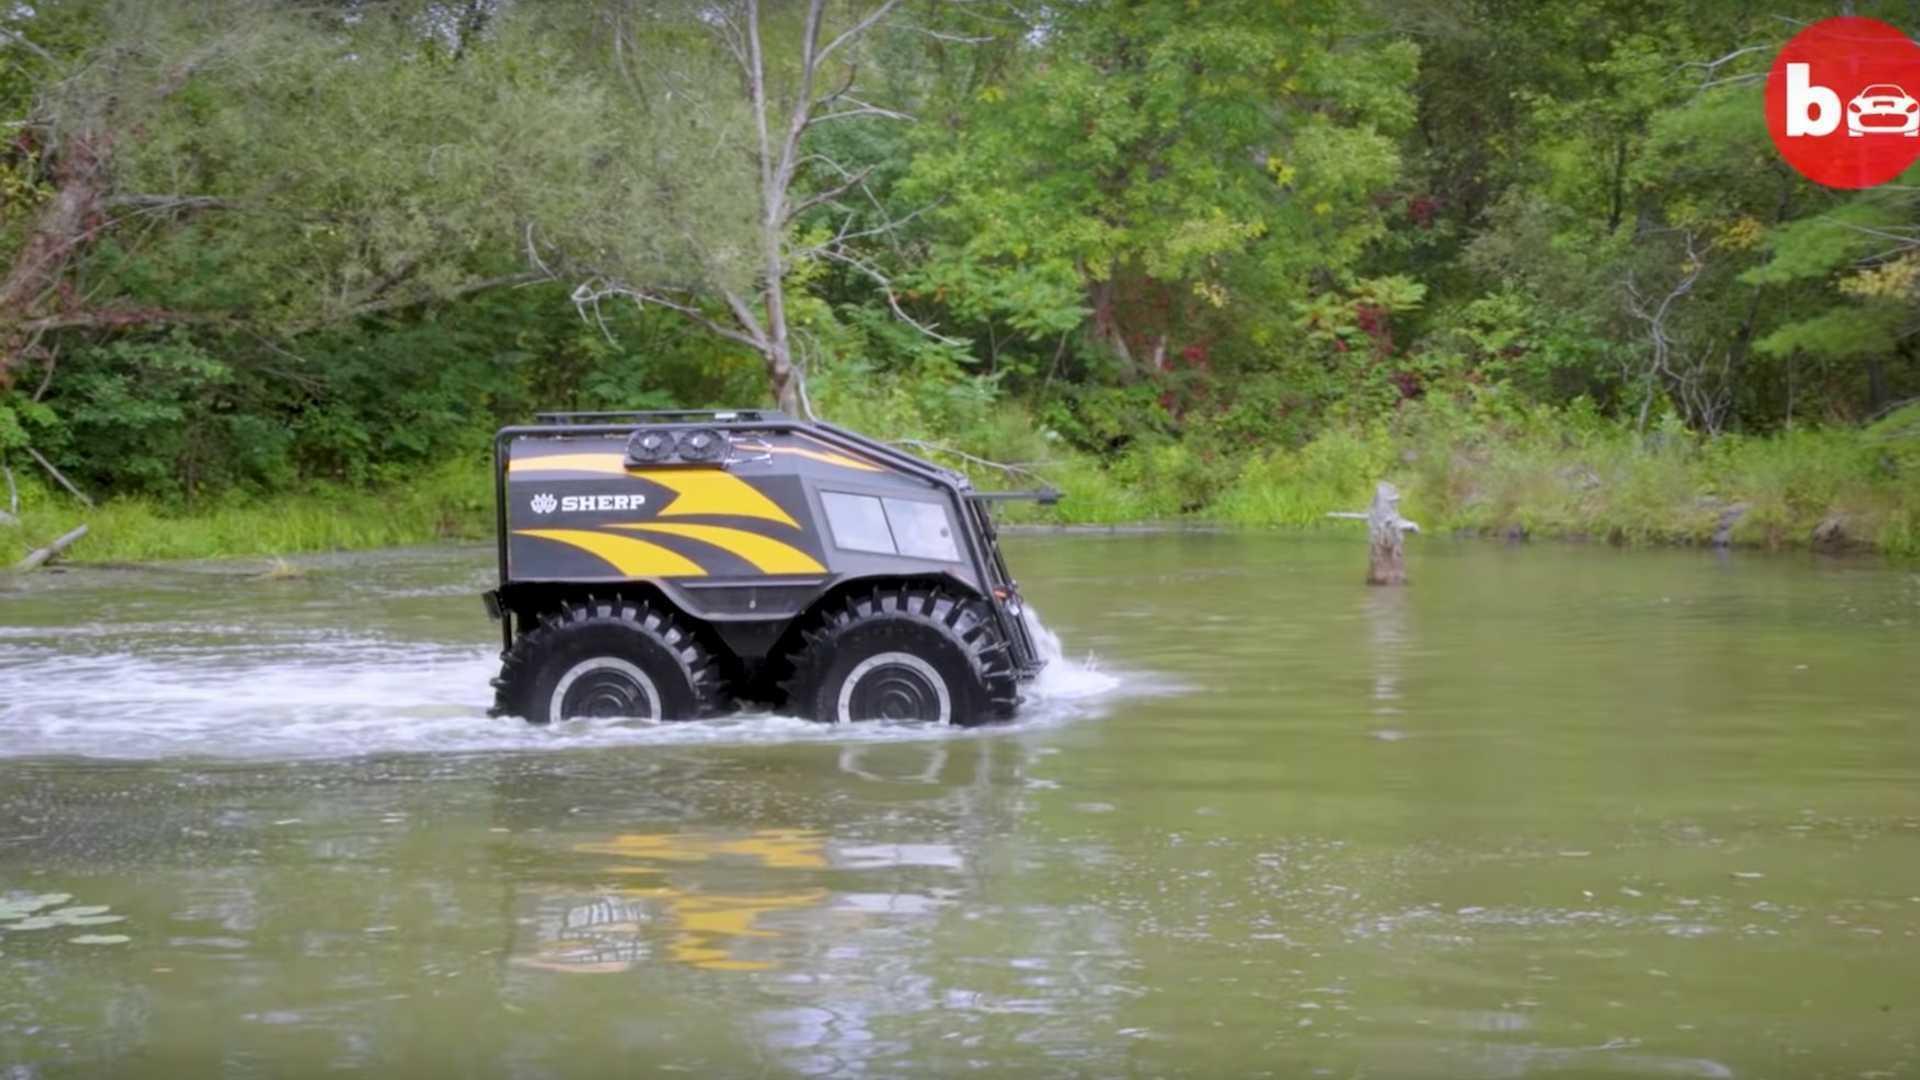 Ấn tượng ô tô Sherp ATV bất chấp mọi địa hình, có thể nổi trên nước Ảnh 1